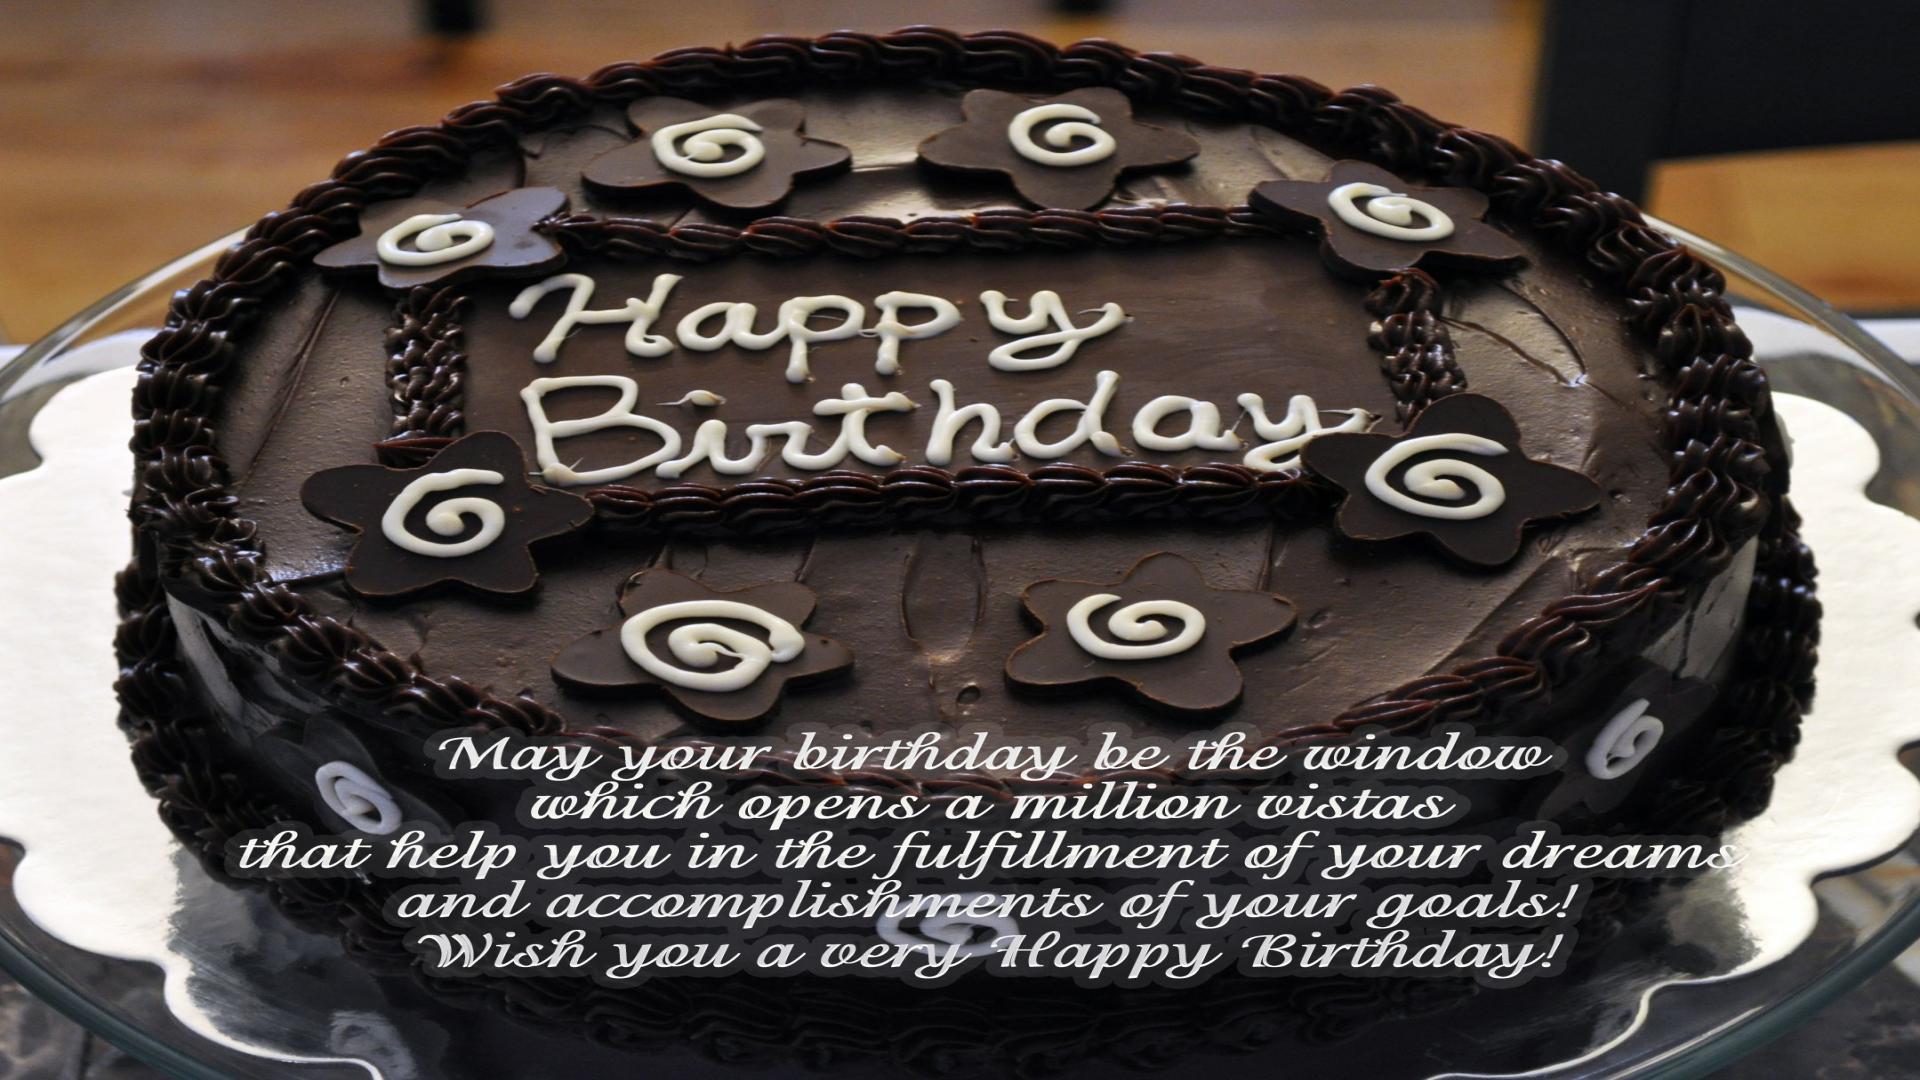 Happy Birthday Chocolate Cake Brithday Cake